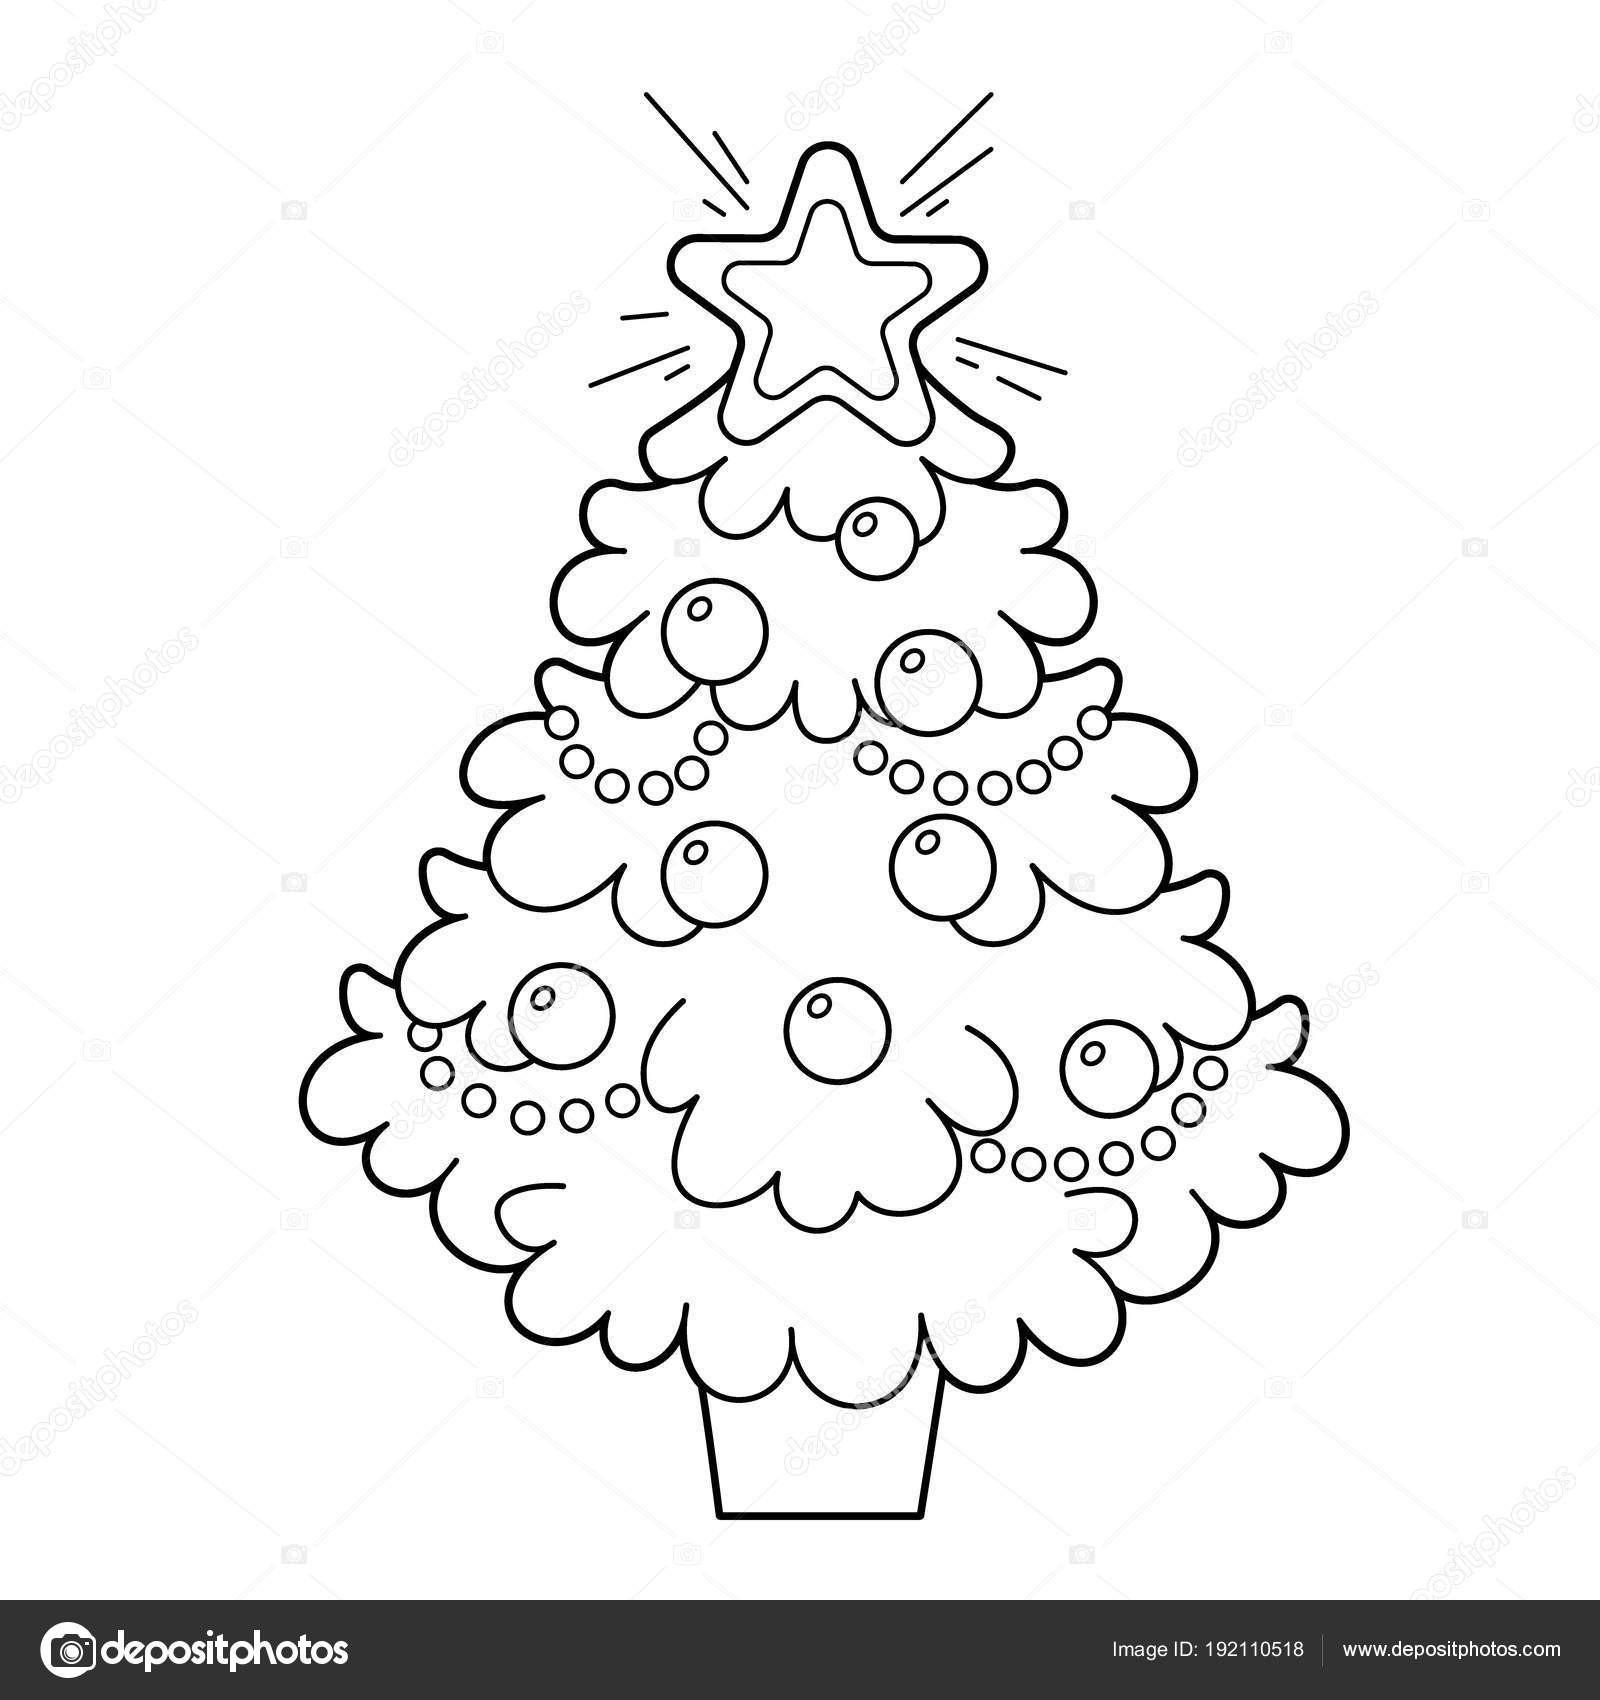 Ausmalbilder Weihnachten Einfach Das Beste Von Ausmalbilder Weihnachtsbaum Mit Geschenken Unique Das Bild